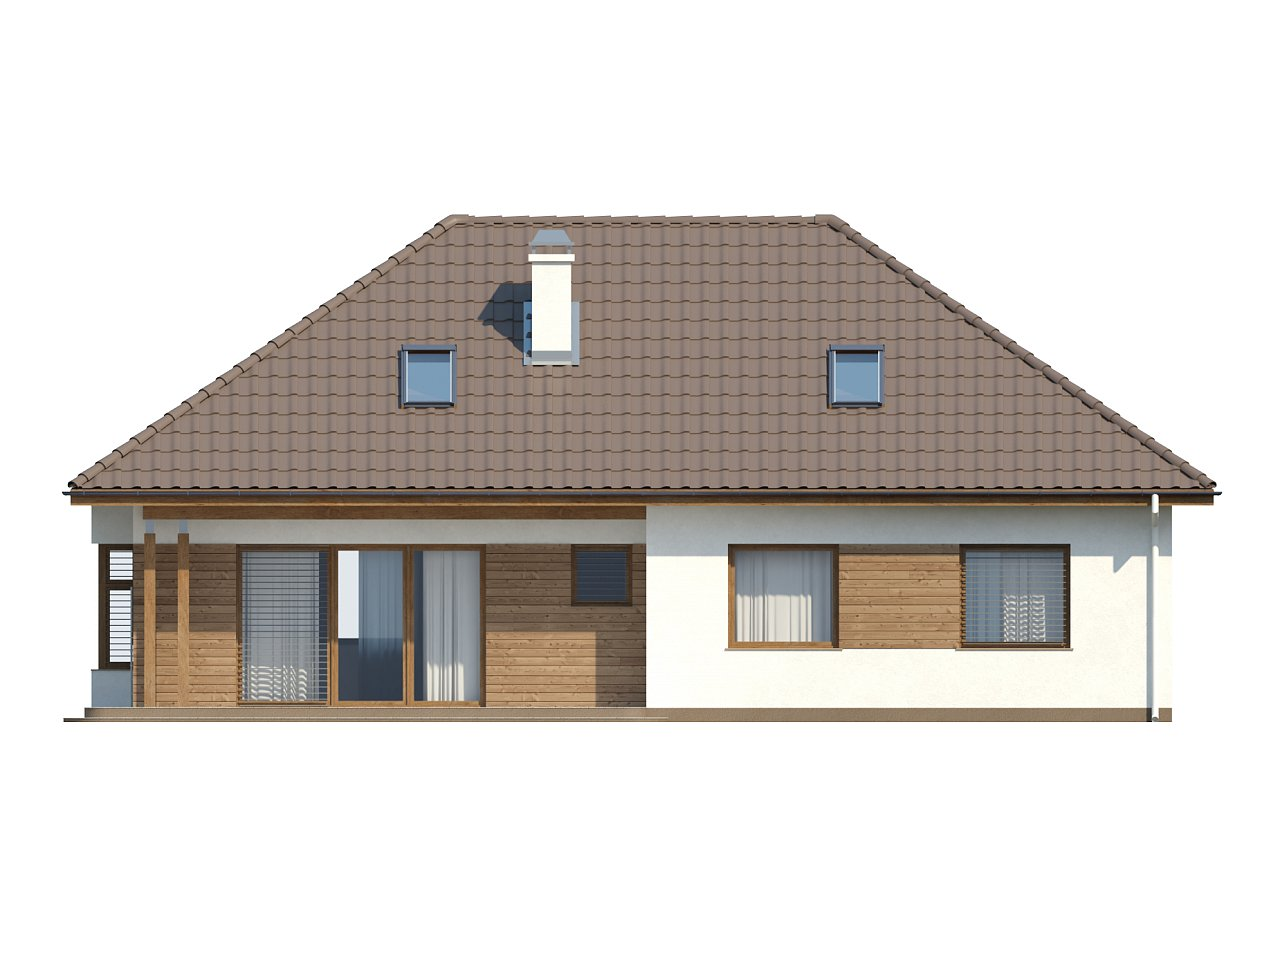 Проект традиционного дома с возможностью адаптации чердачного помещения. 13